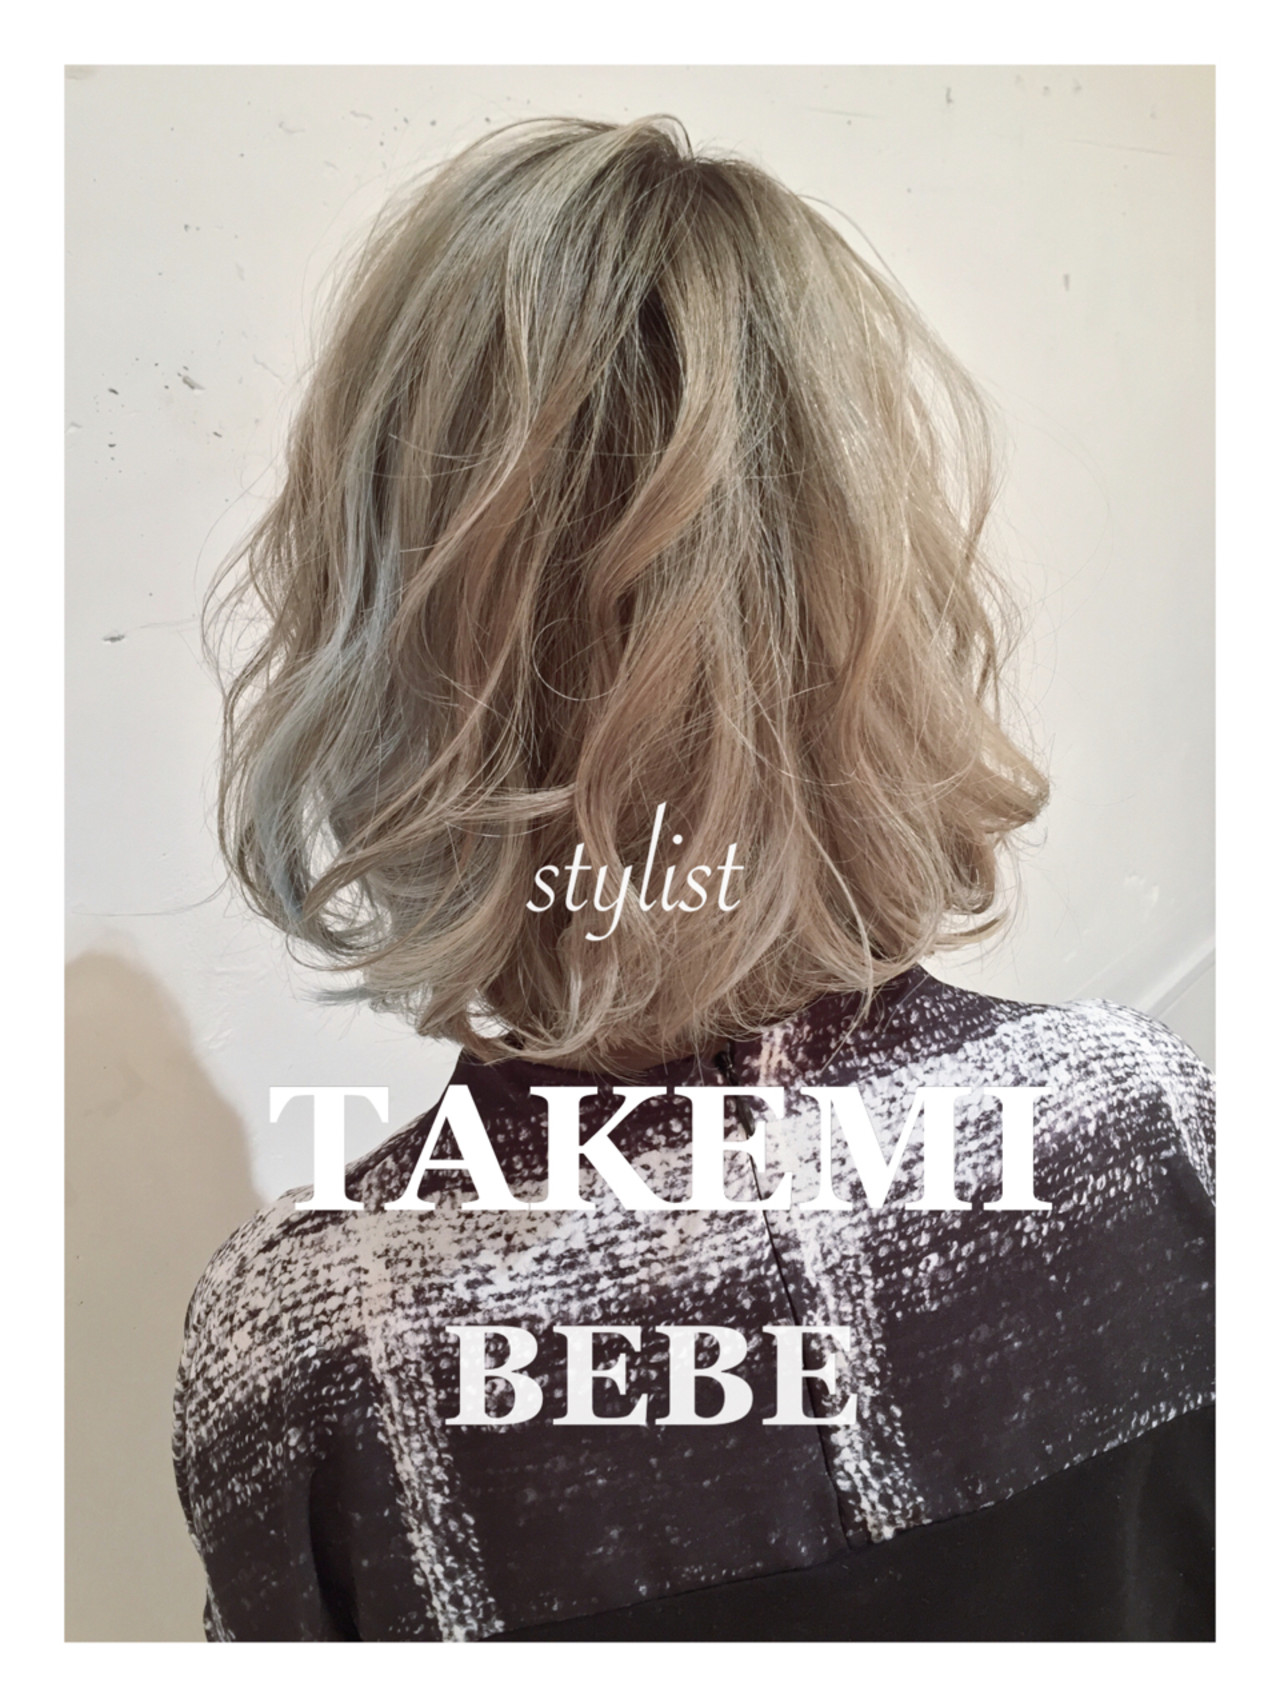 ボブ 外国人風 ハイライト アッシュヘアスタイルや髪型の写真・画像